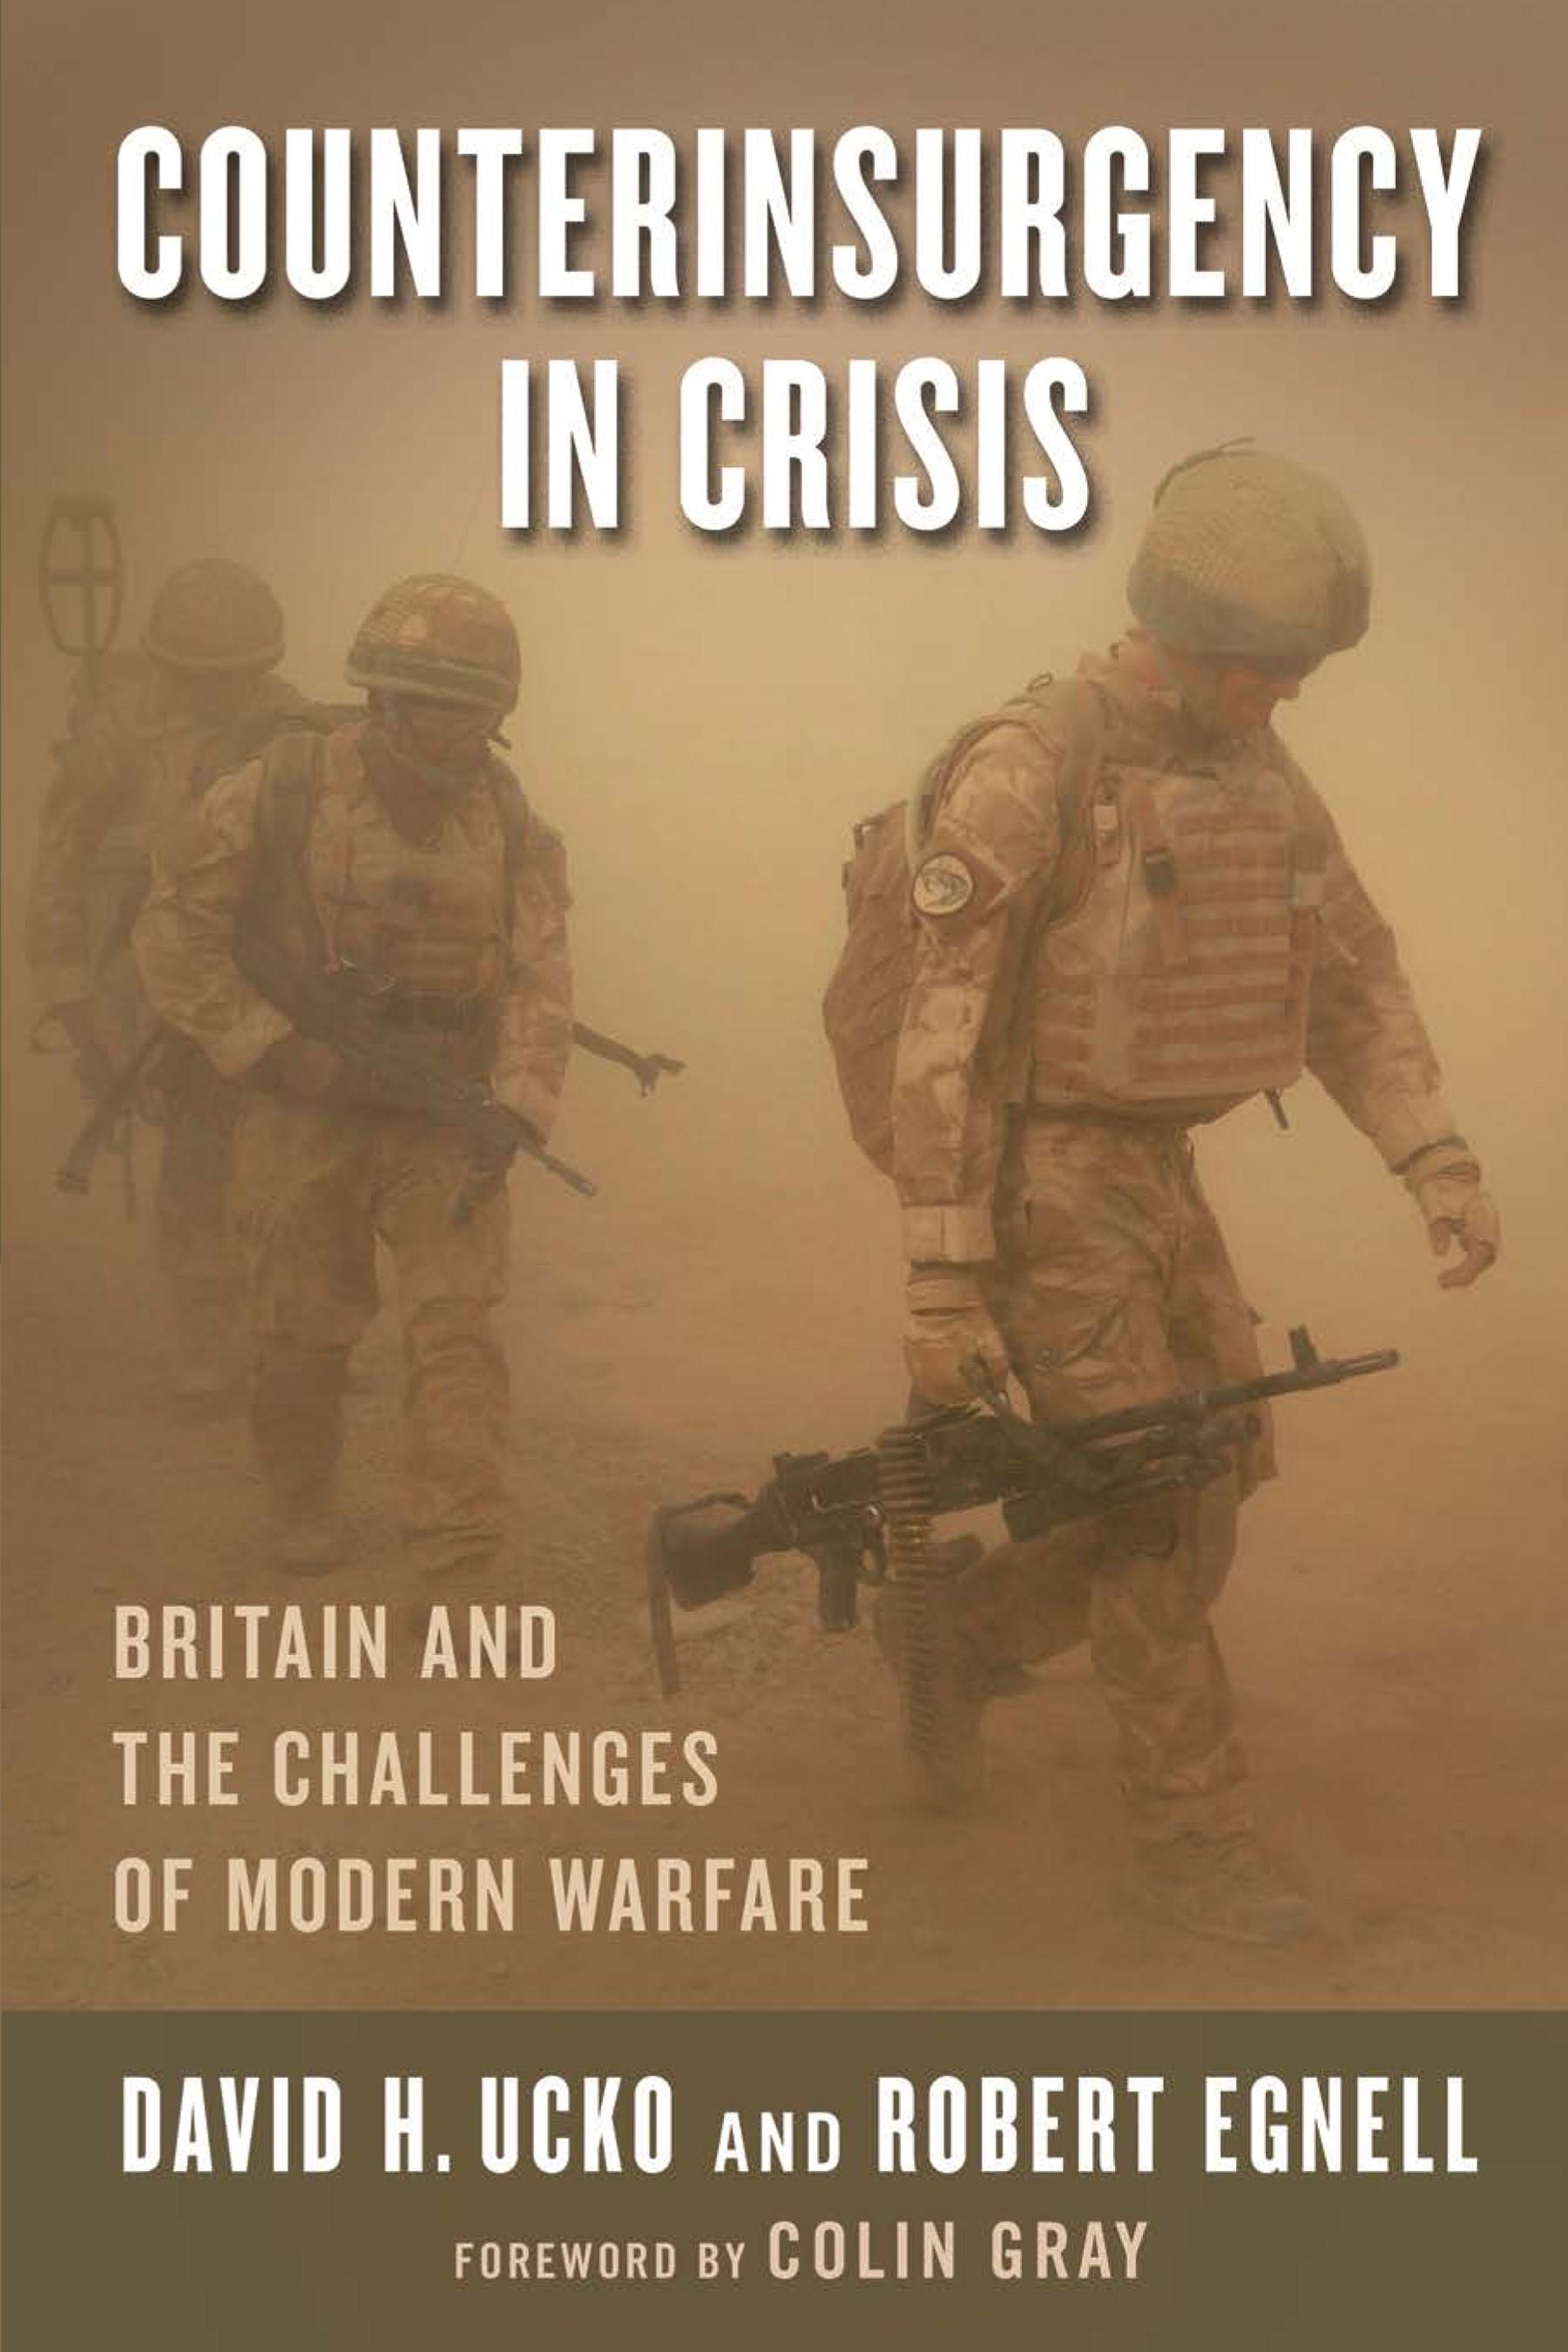 Abbildung von Counterinsurgency in Crisis | 2015